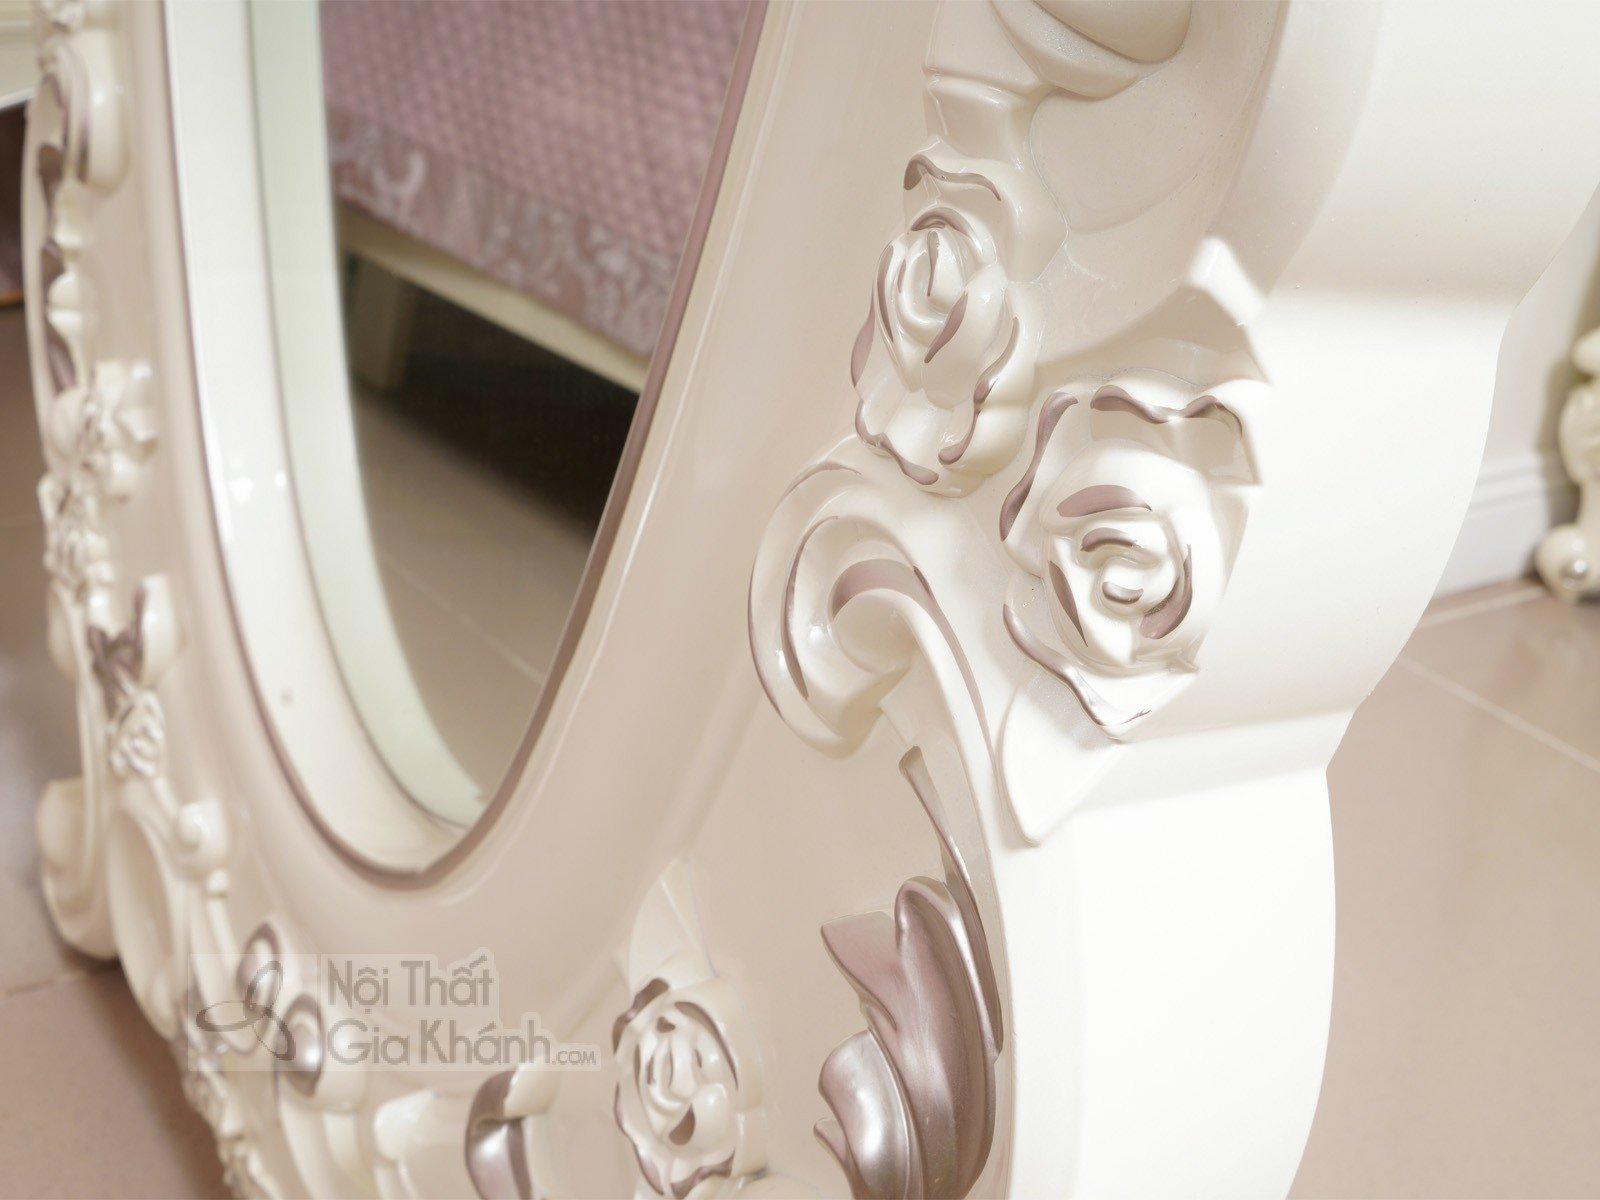 Kệ gương đứng độc đáo, phong cách Pháp H8801KG - ke guong dung phong ngu tan co dien H8801KG 695x70x1720 2